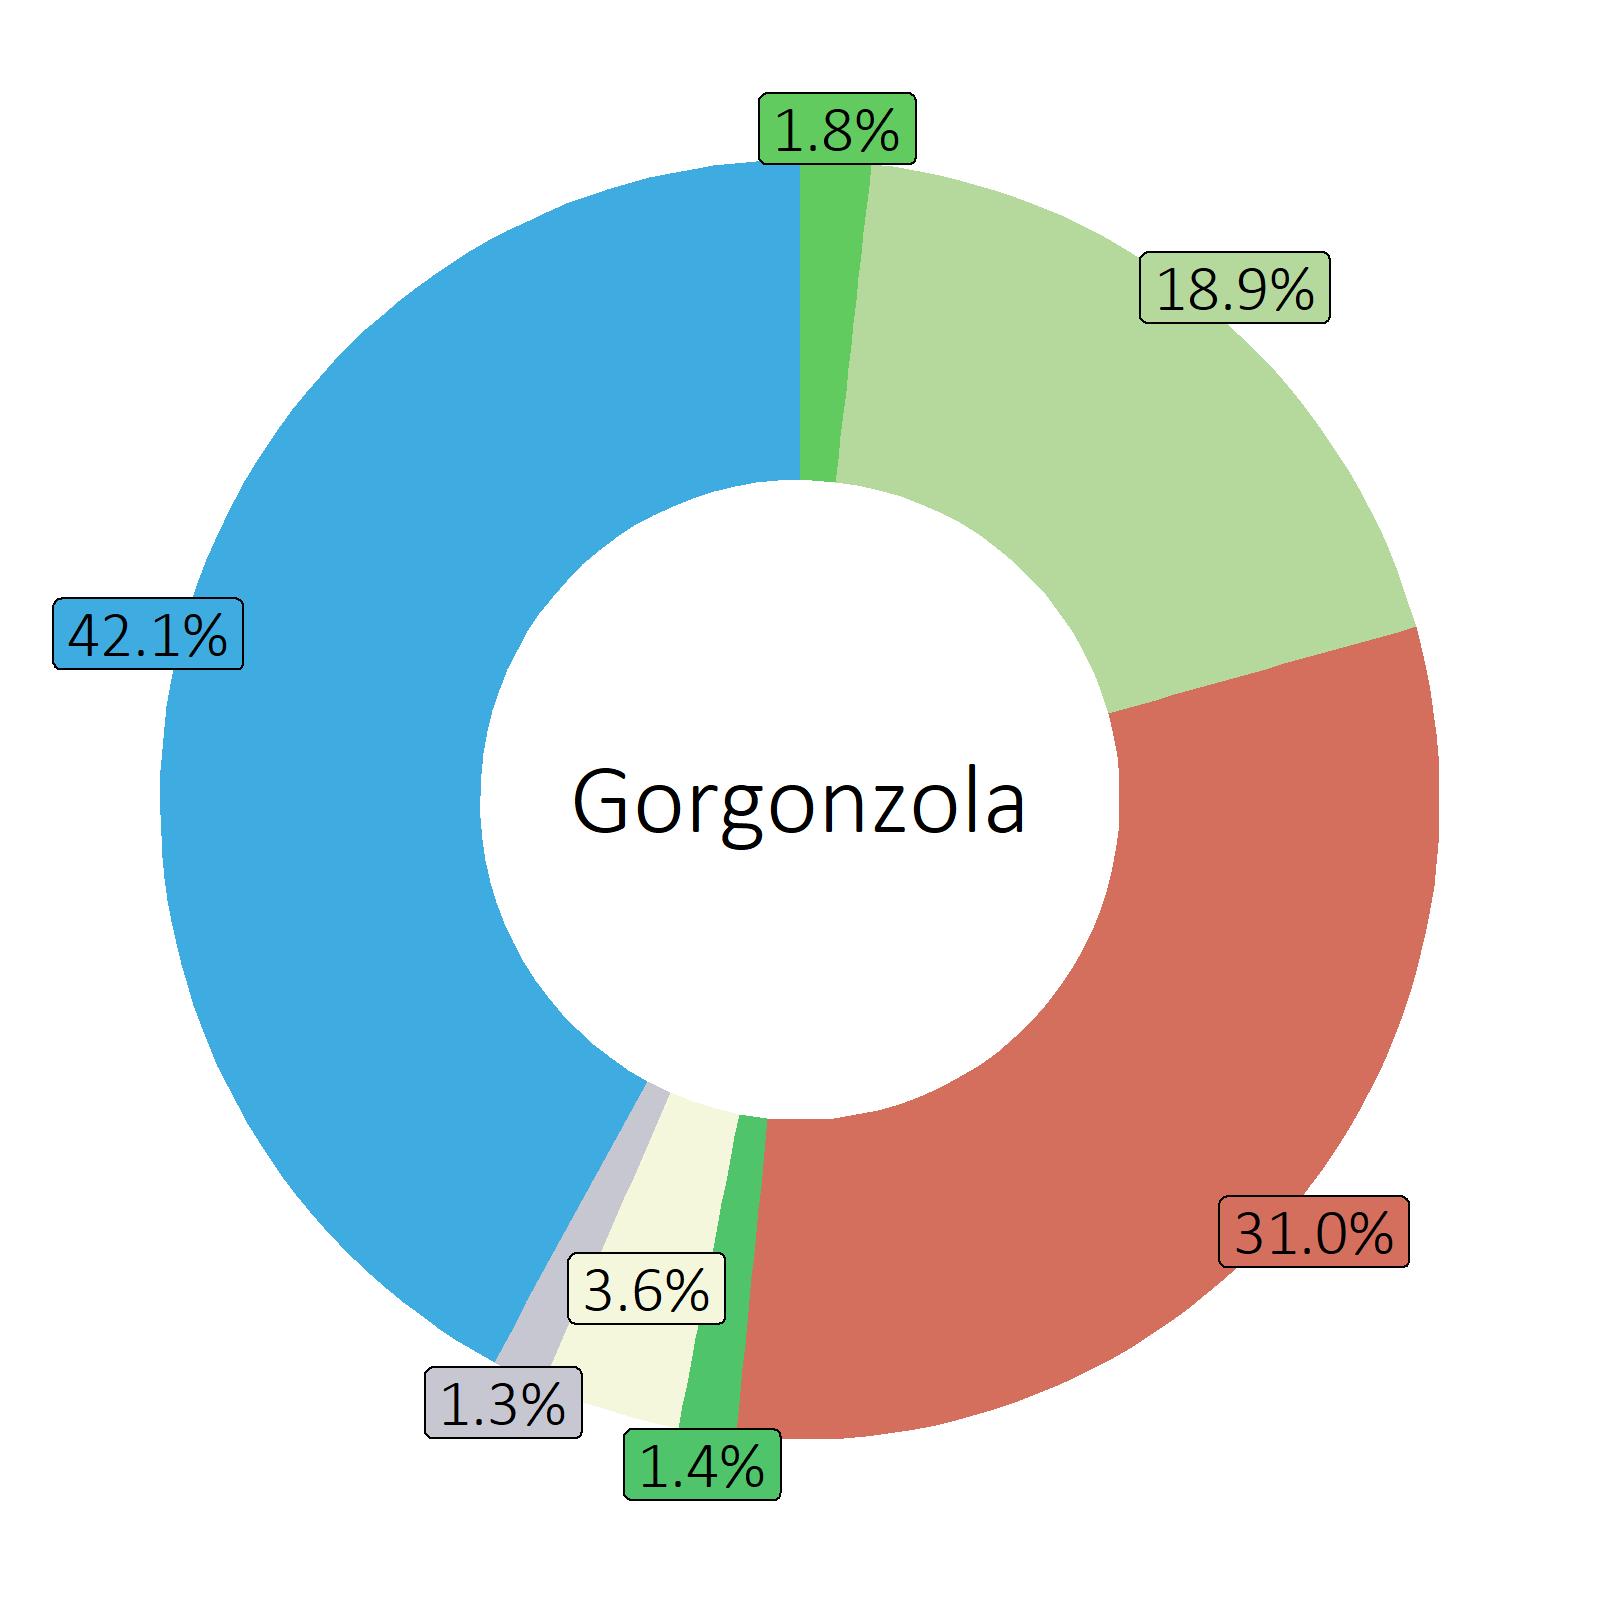 Bestandteile Gorgonzola